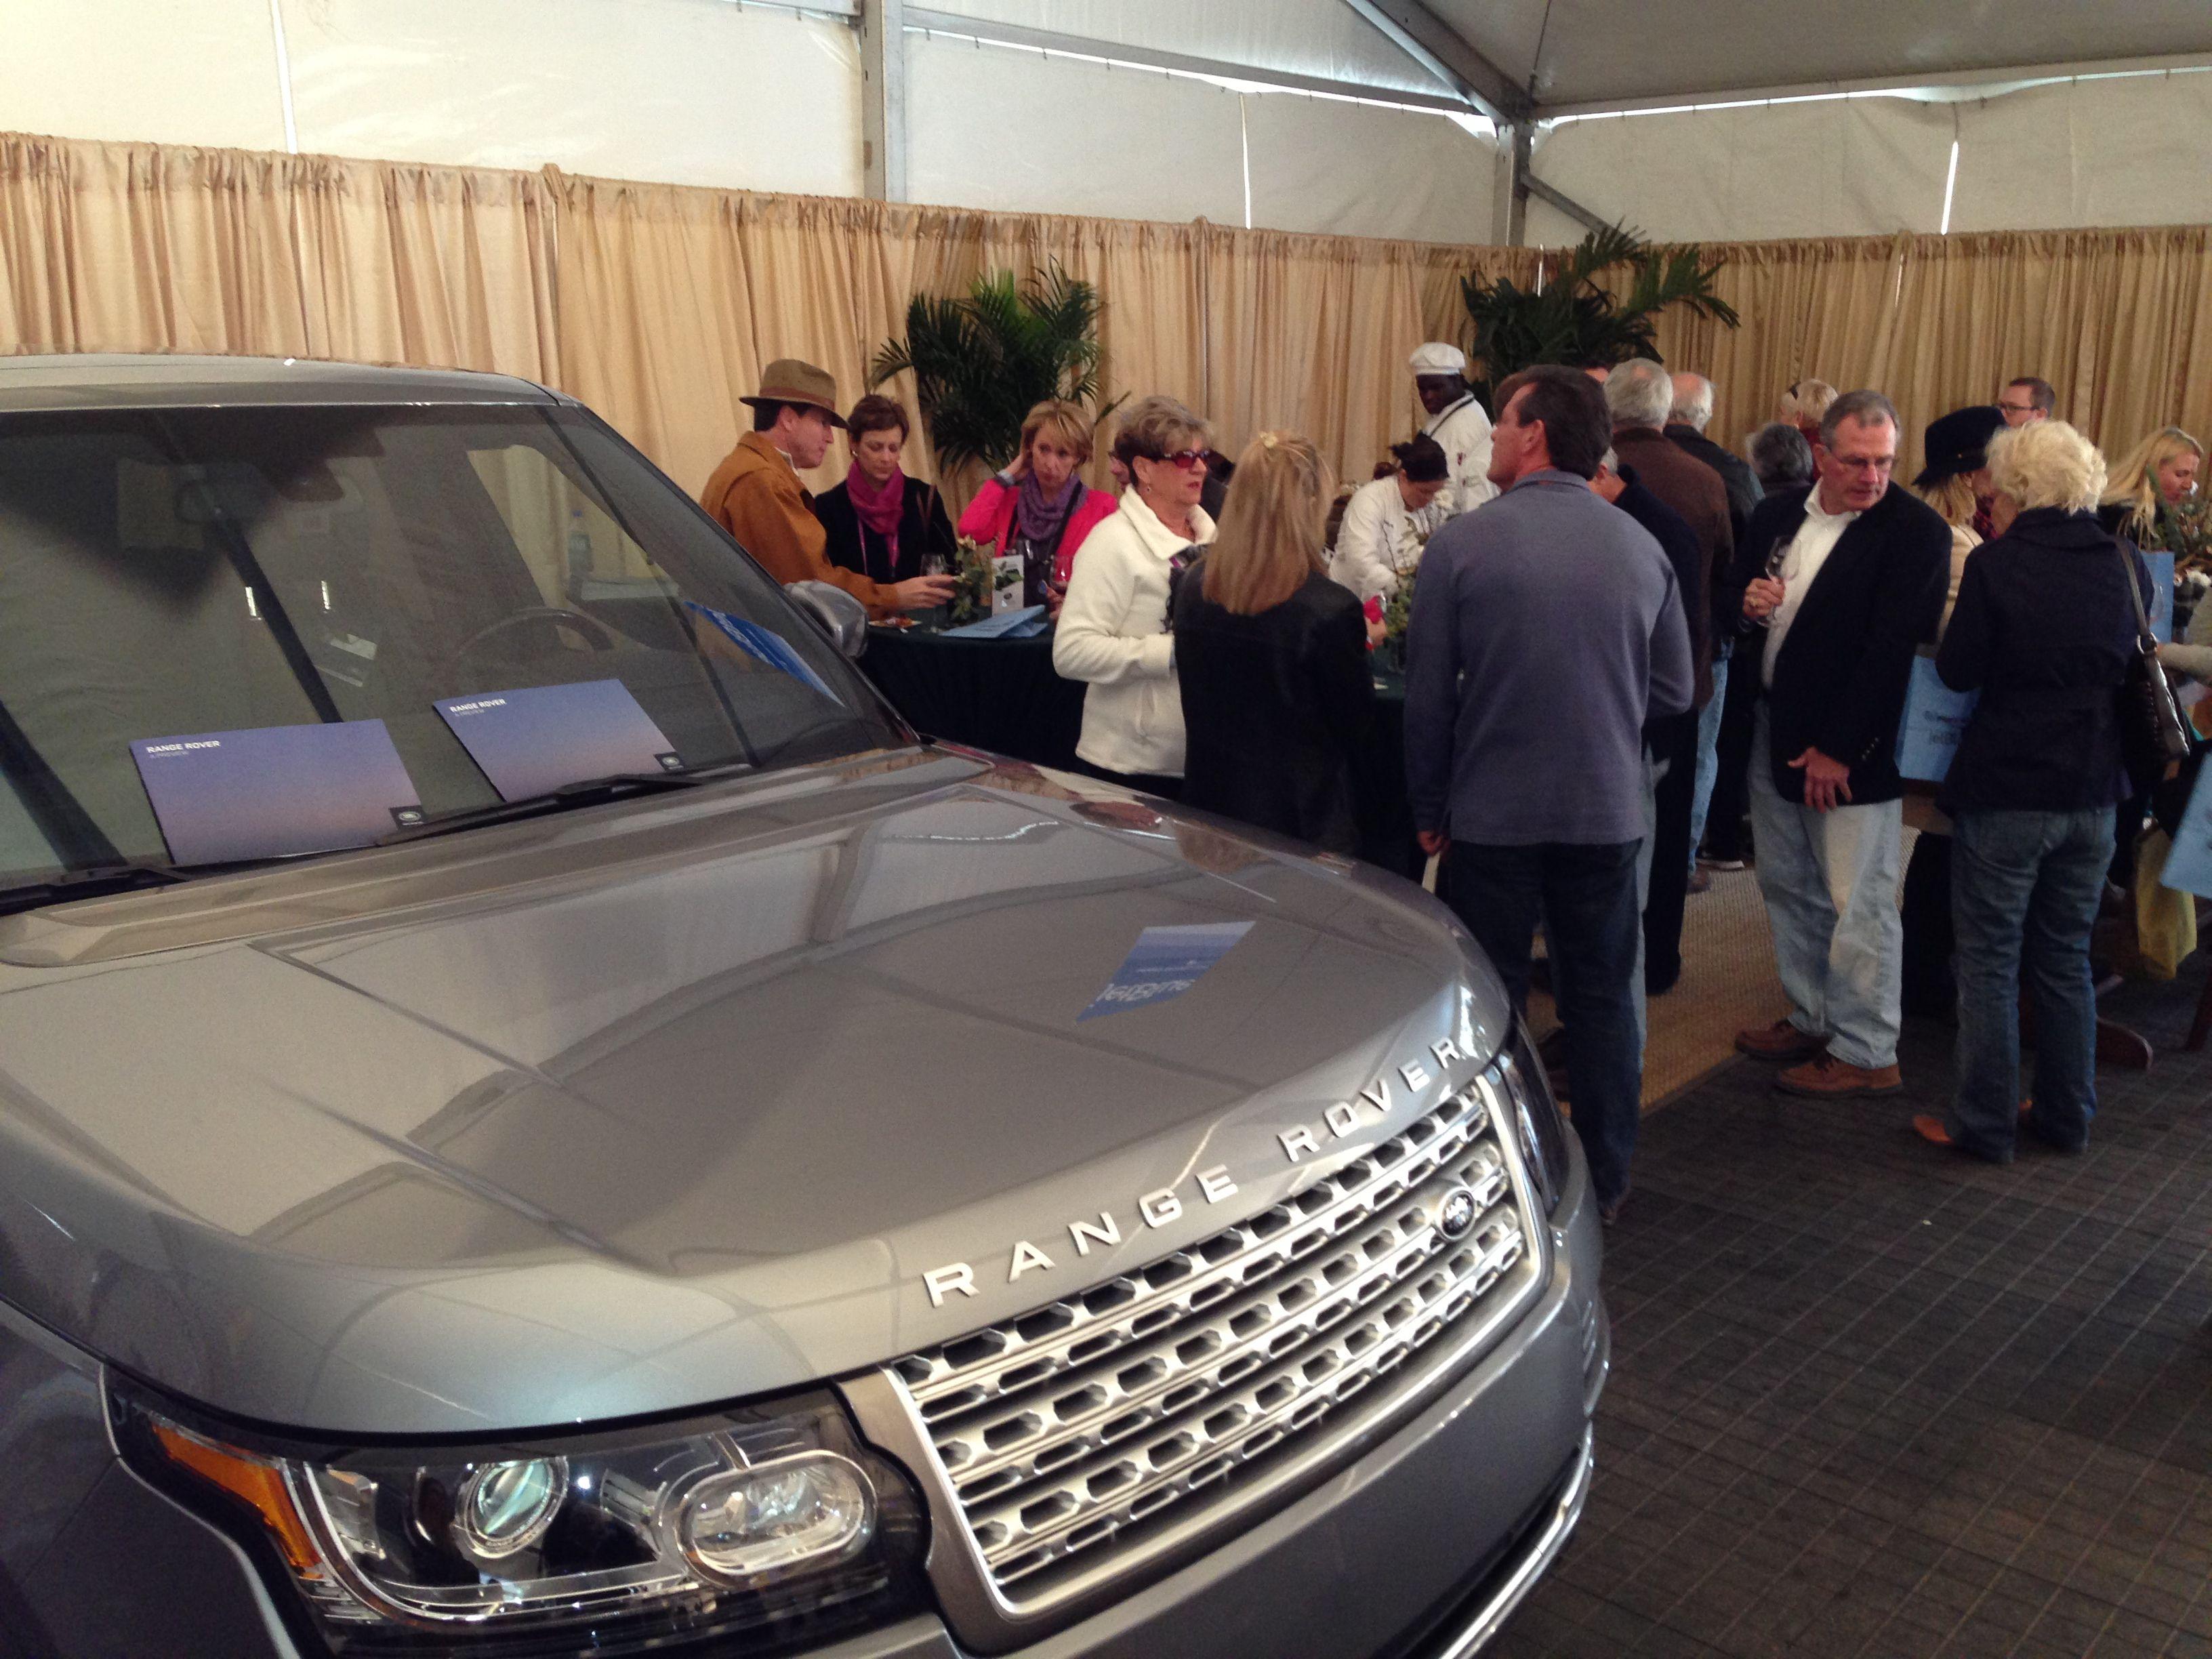 Baker Motor pany 2013 Charleston Wine & Food Festival Range Rover